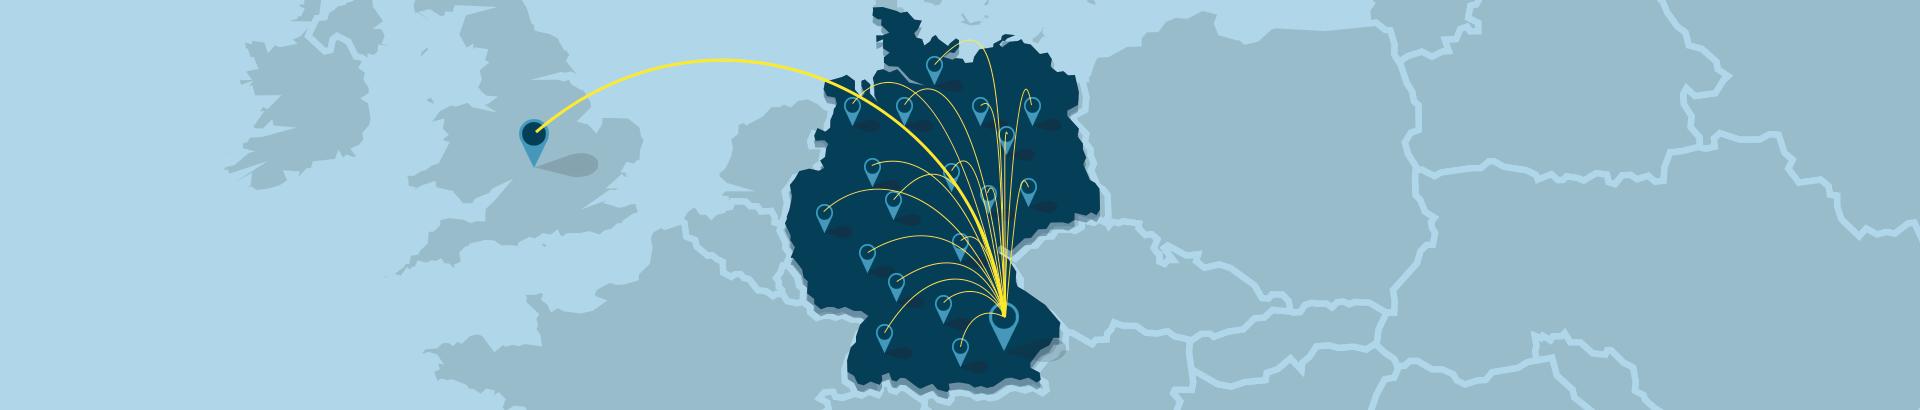 Vertriebsteam für neue Industriekunden in Deutschland, Europa und den USA